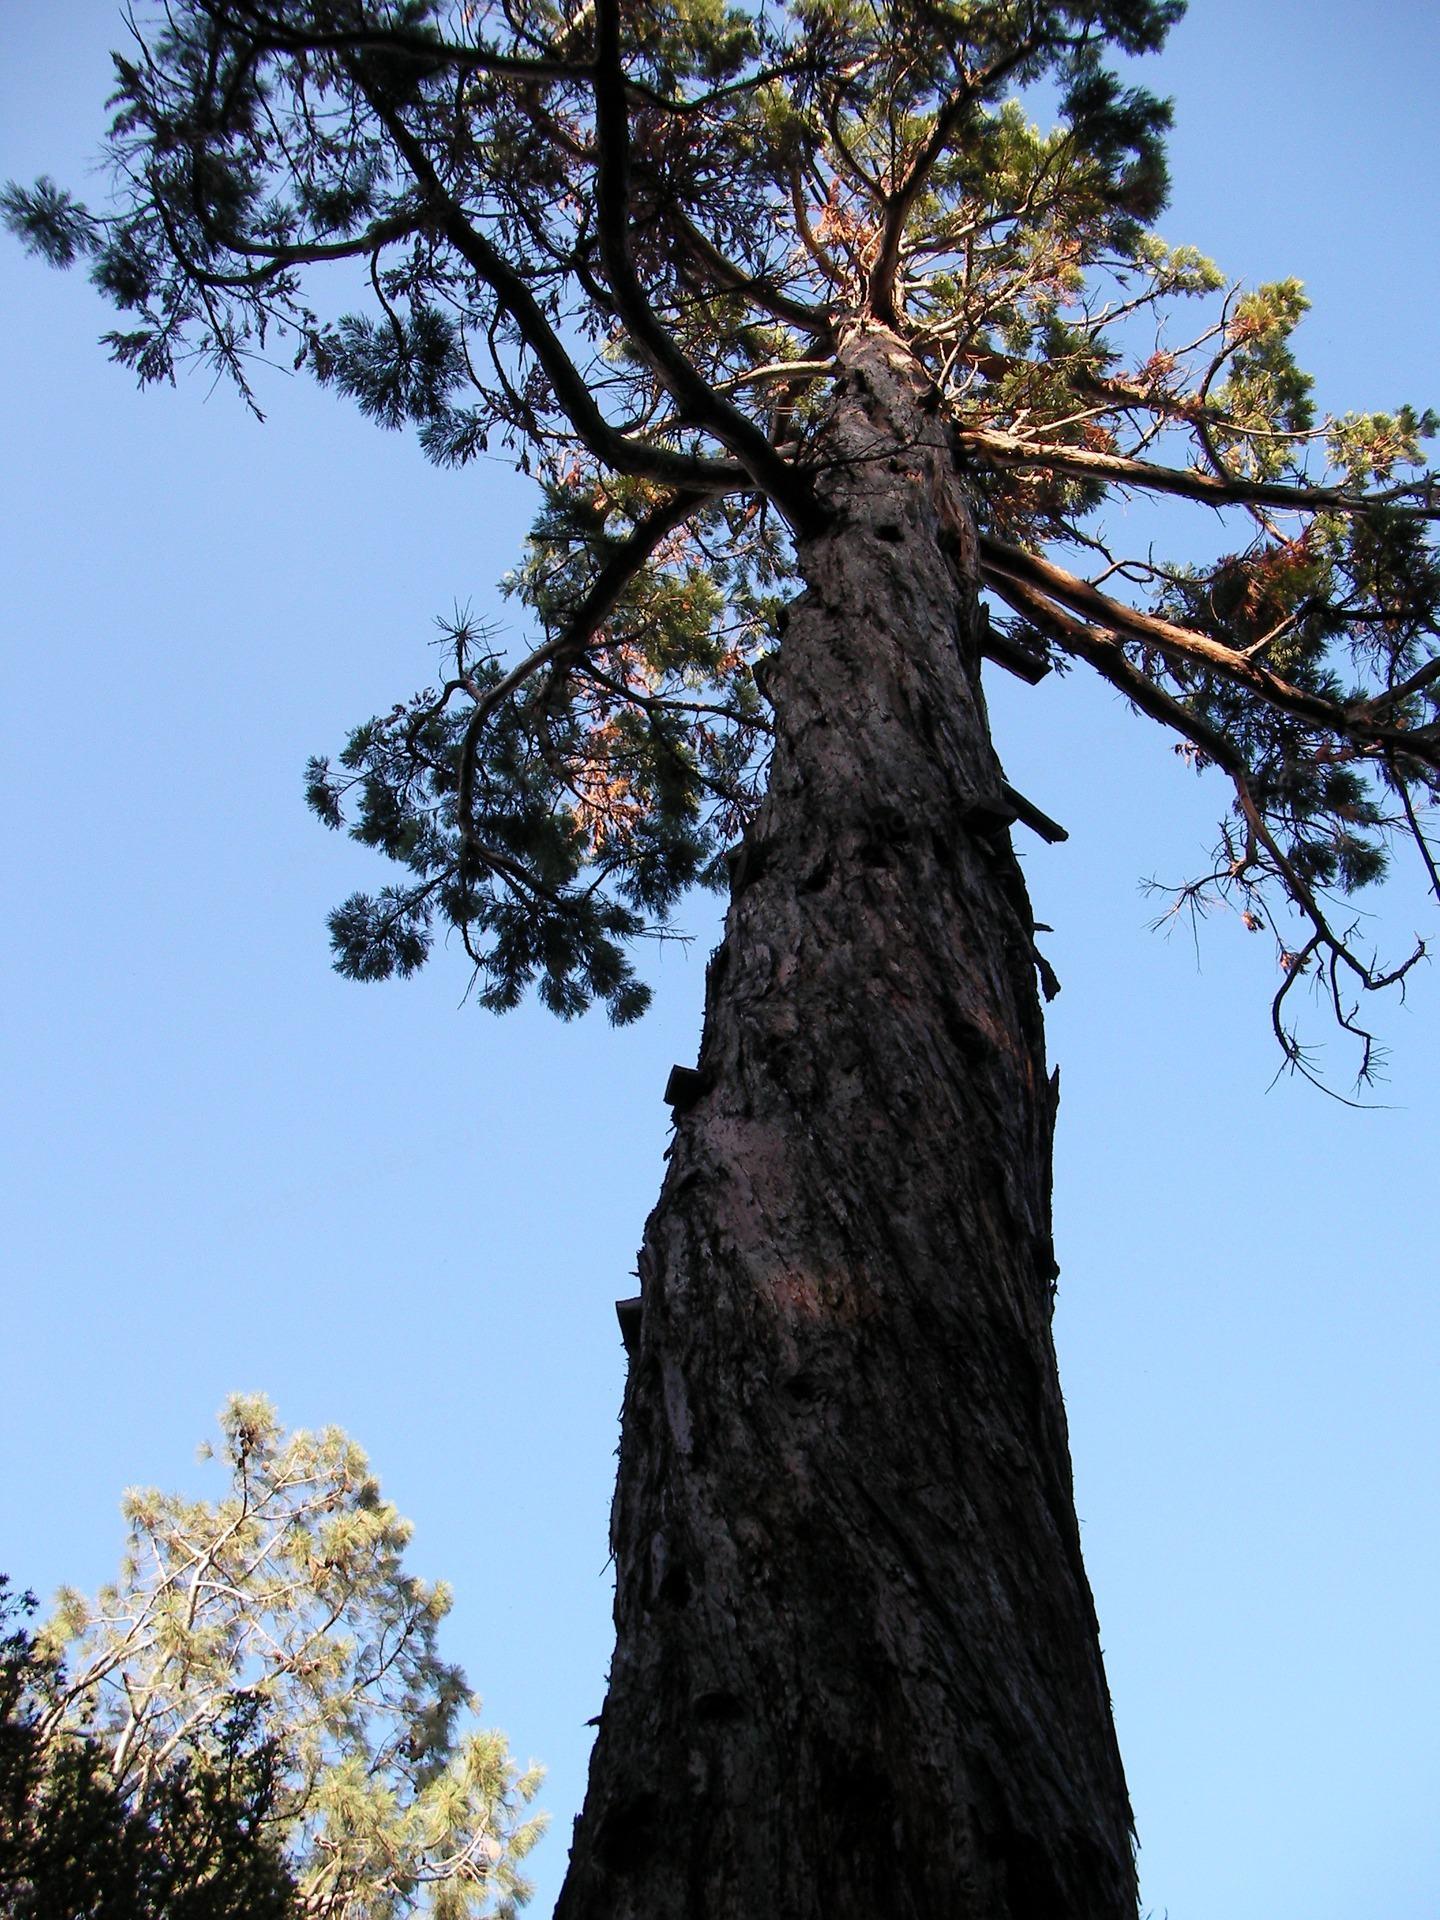 ਵੱਡੇ Pine